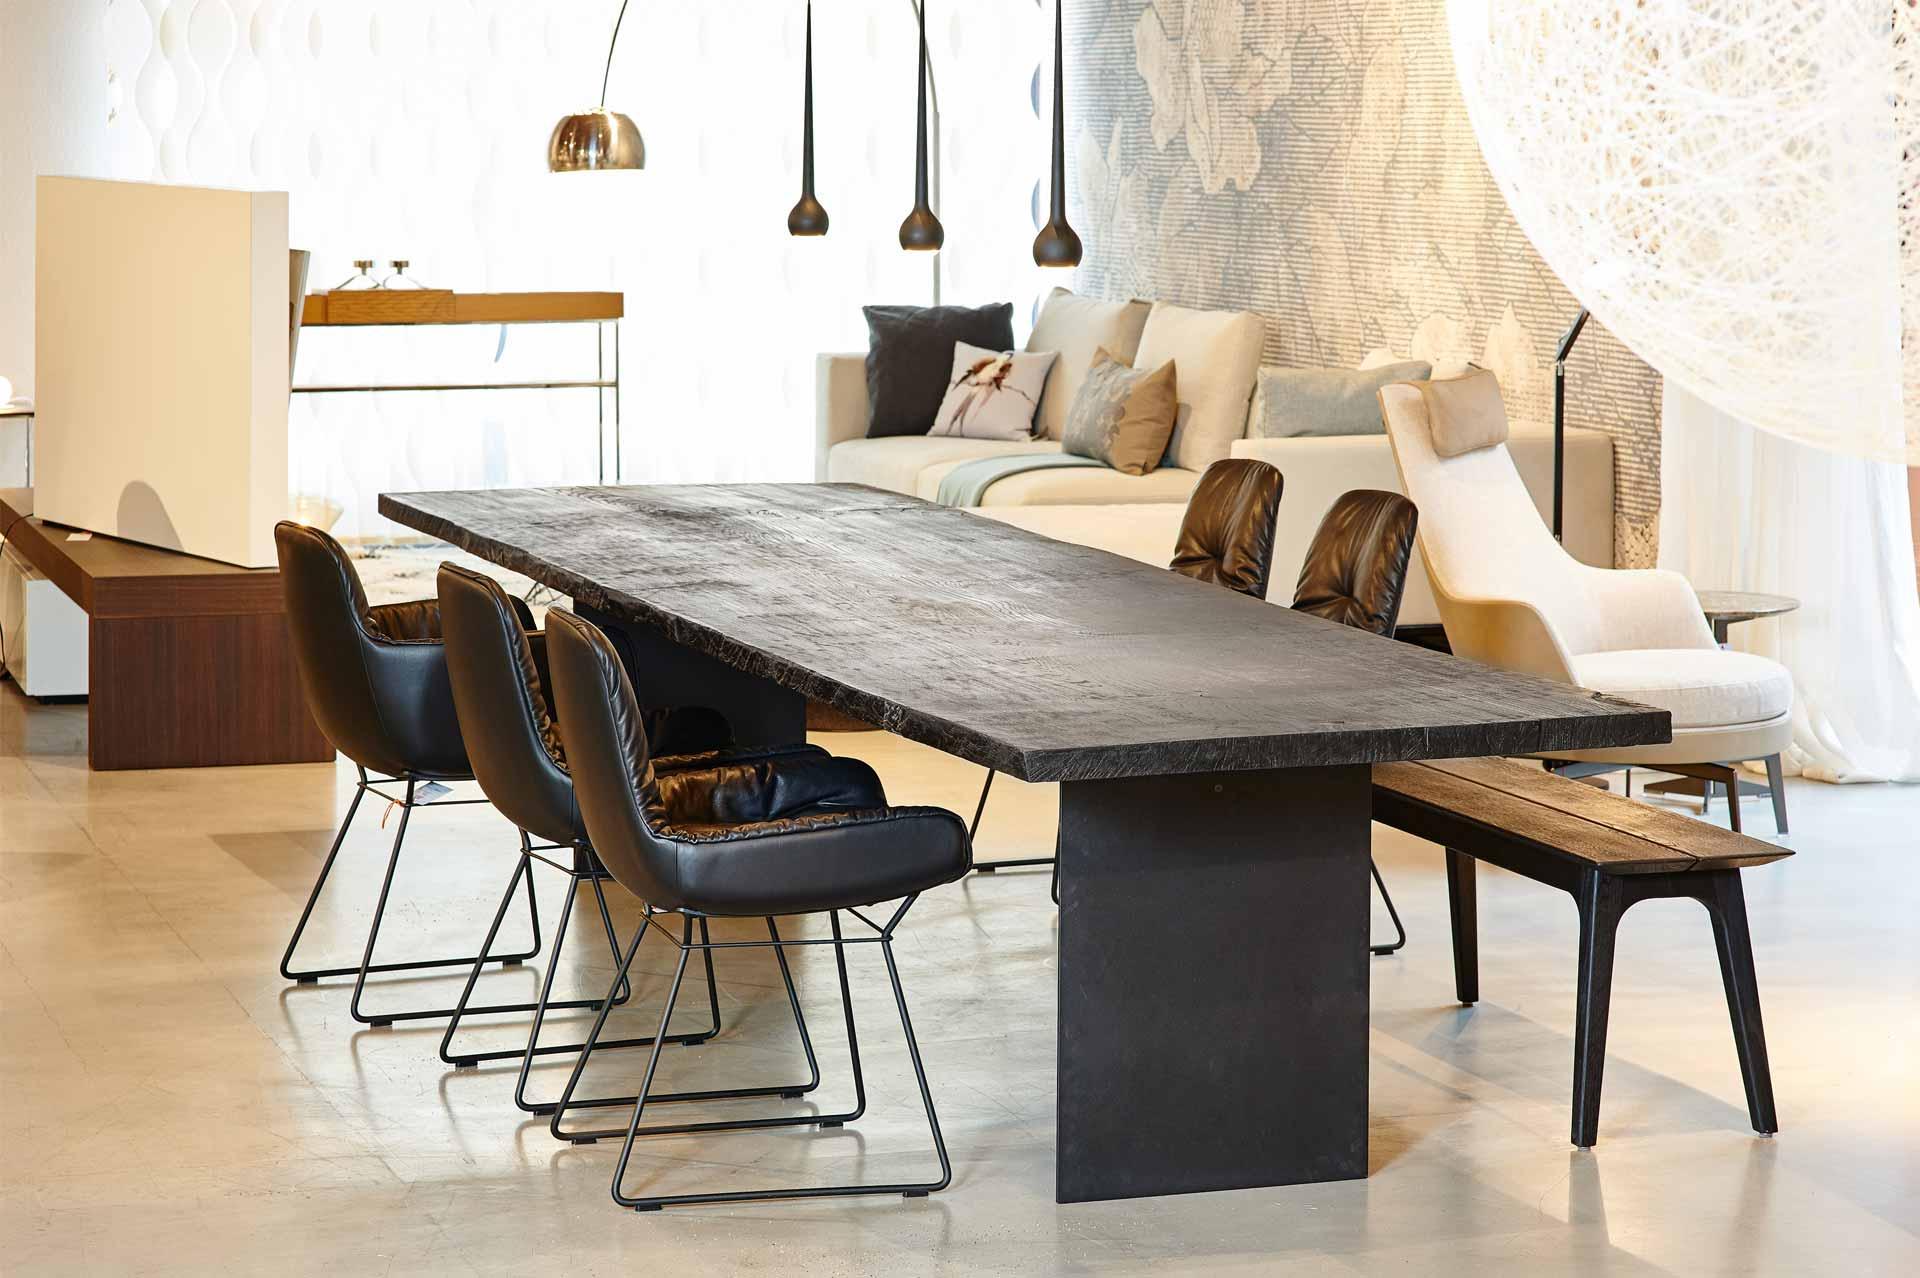 Einrichtungshaus Melior - Minotti, Flexform & Poliform - Design ...